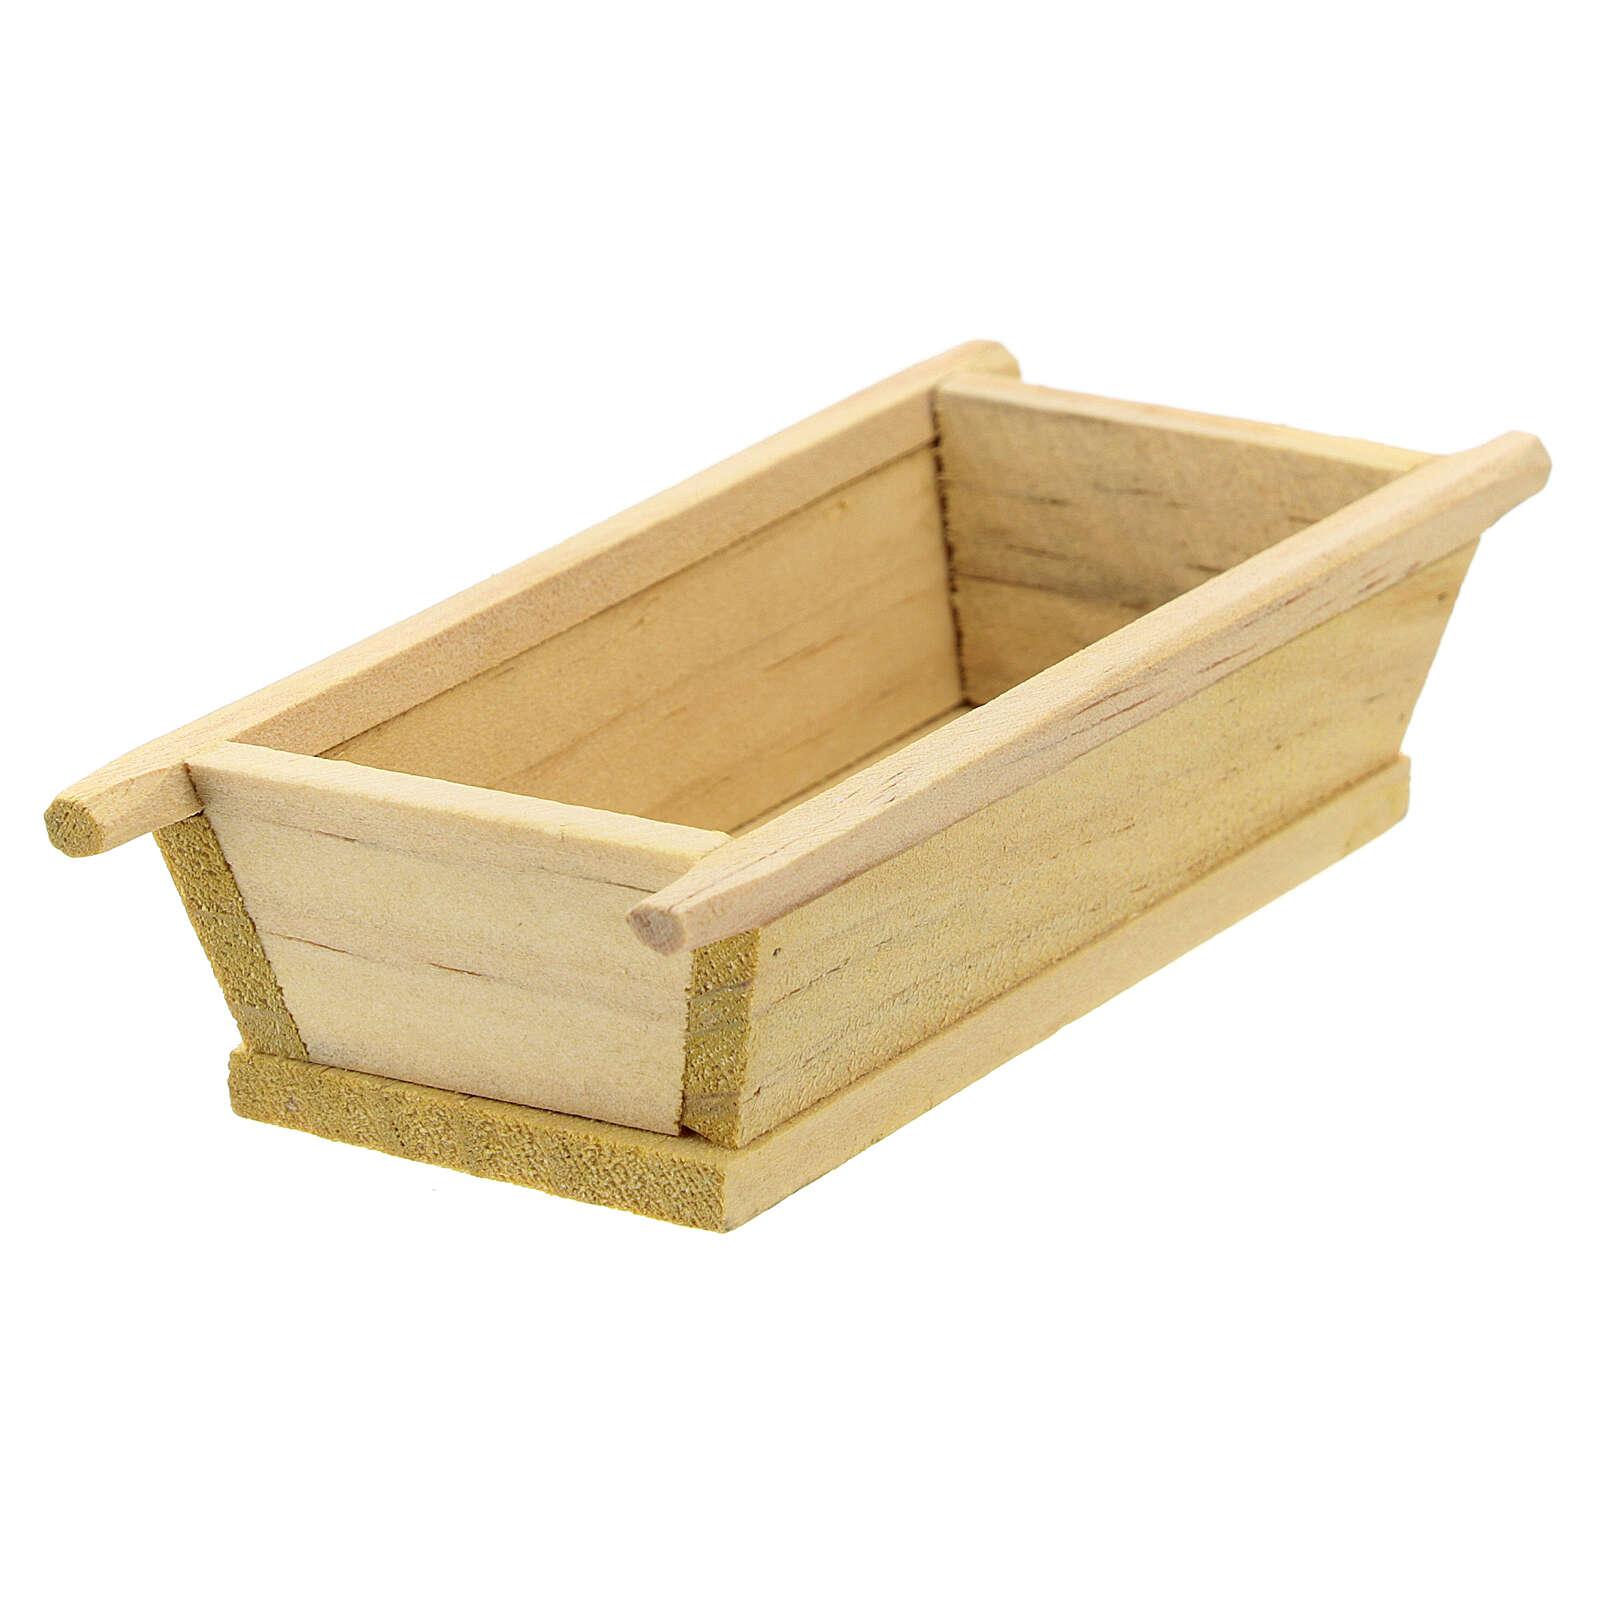 Artesa simple madera 5x10x5 belén 12 cm 4